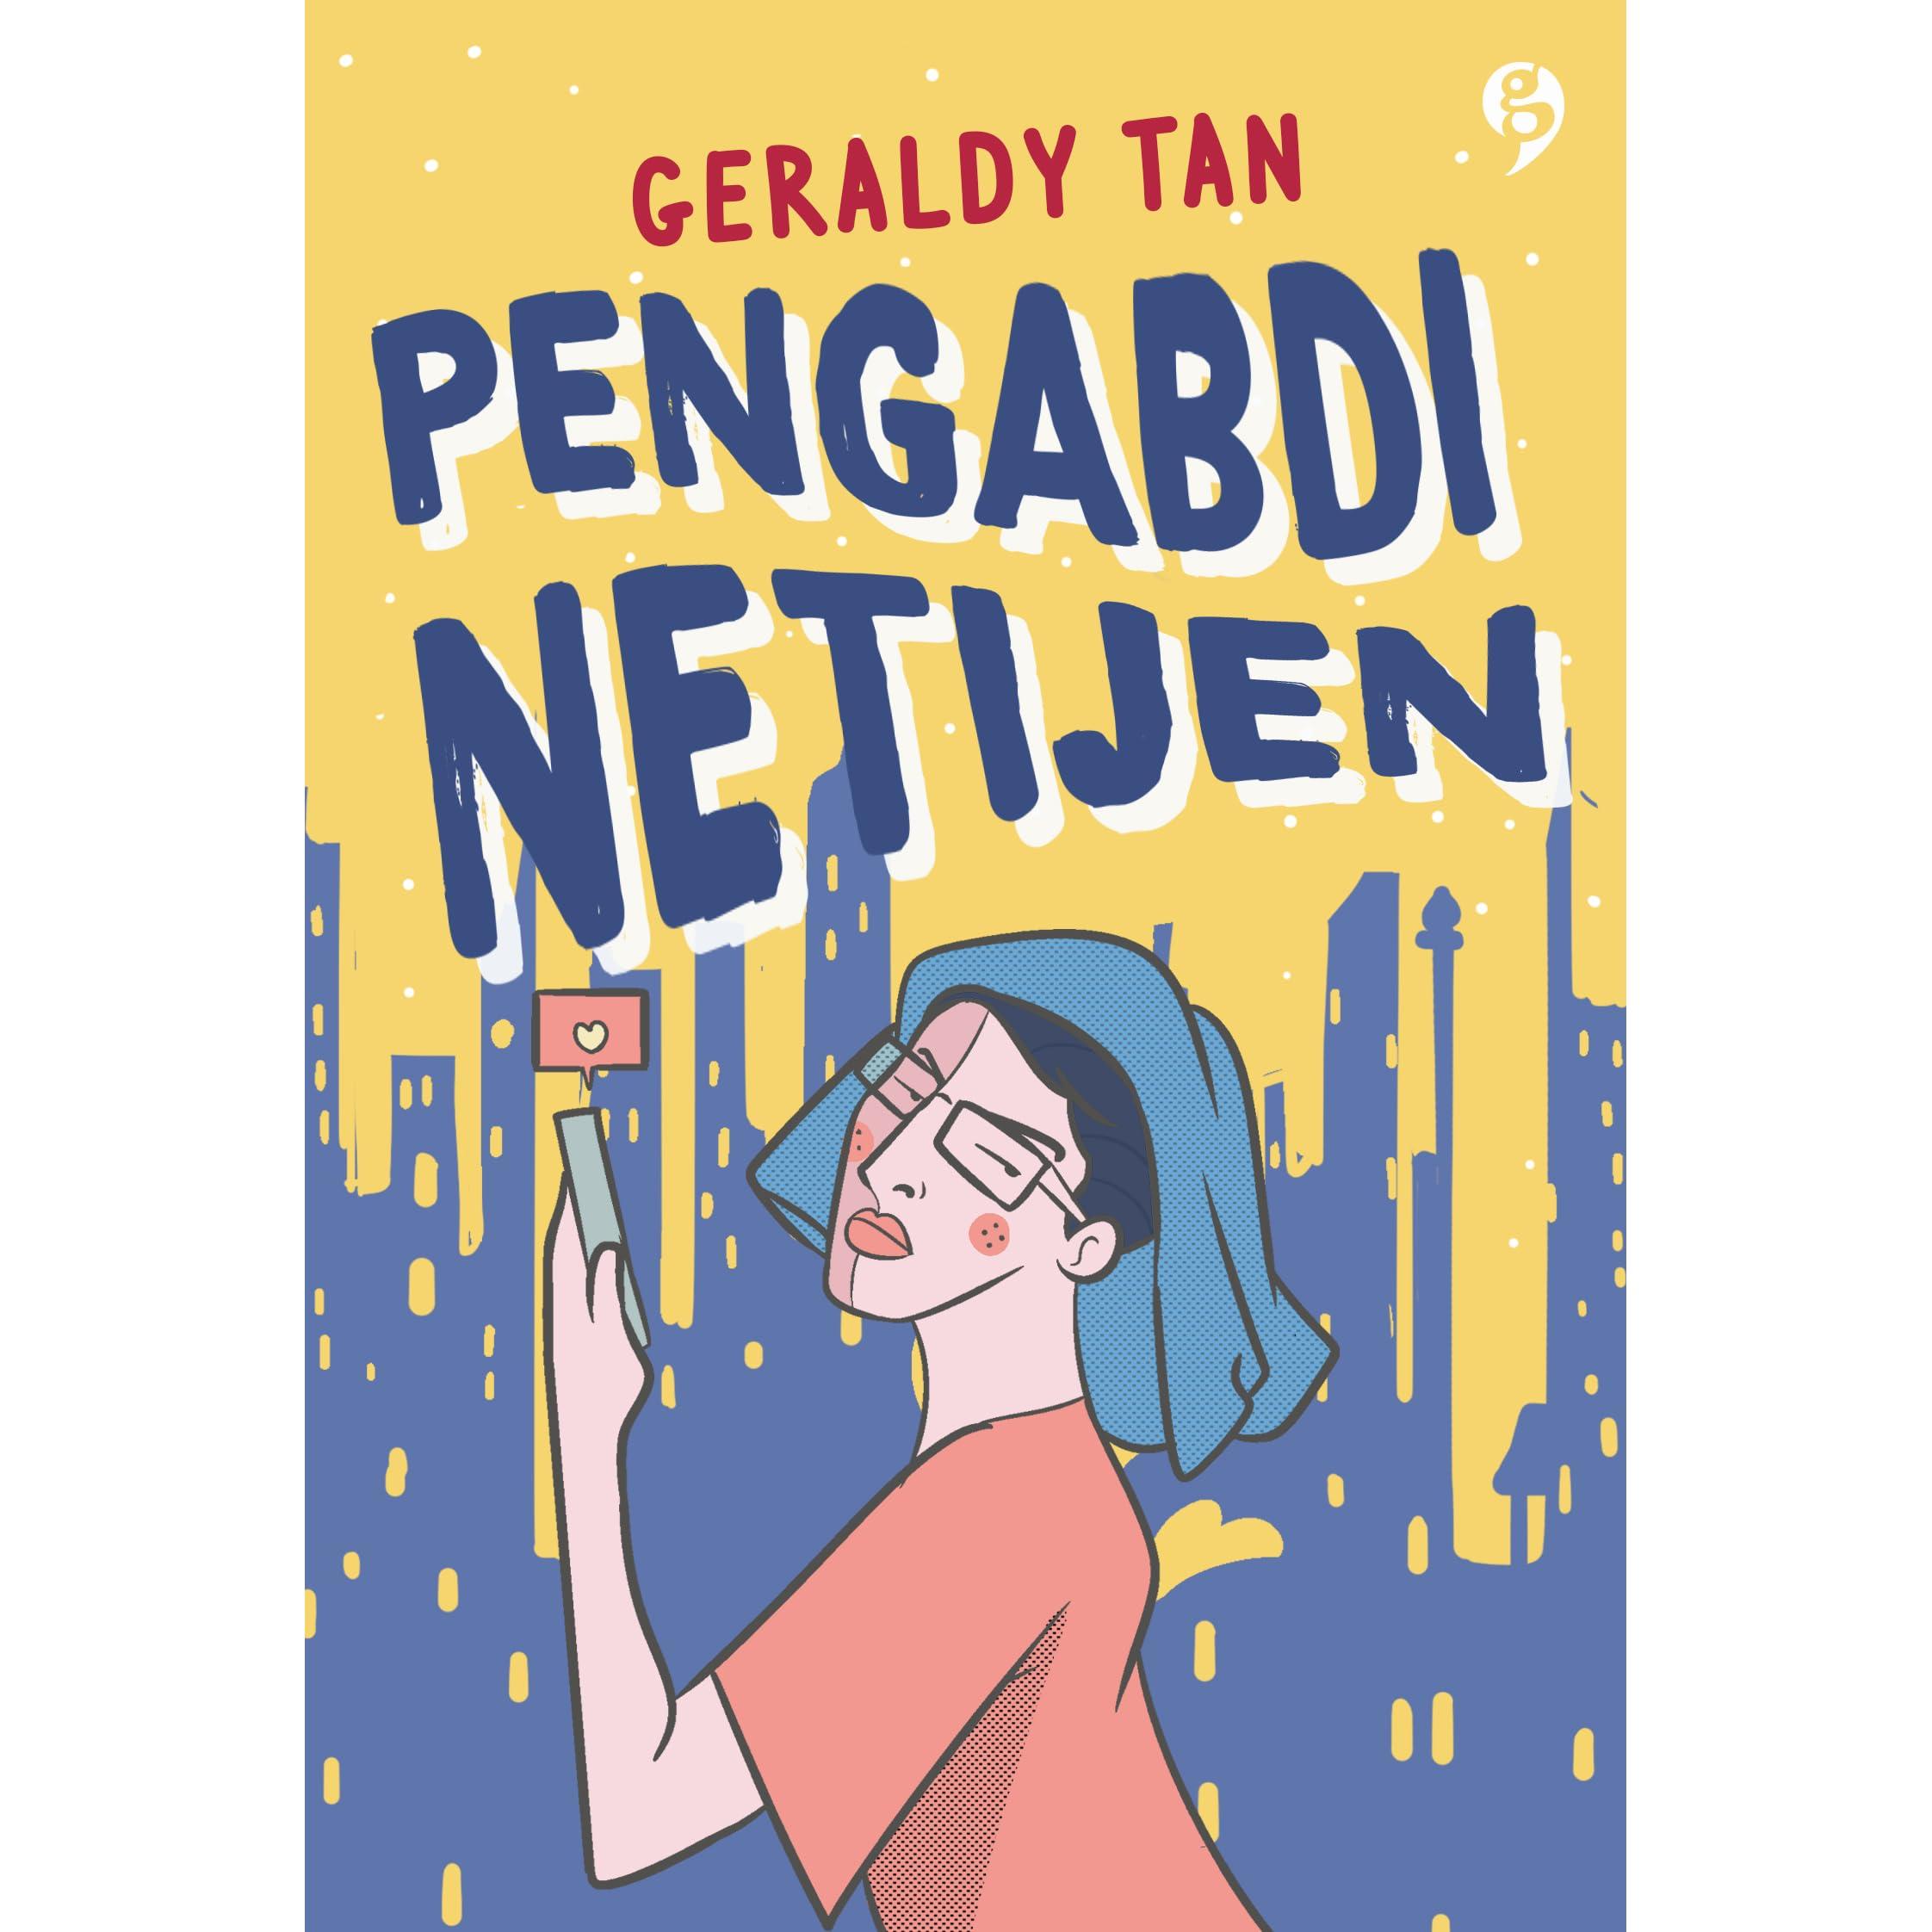 Pengabdi Netijen By Geraldy Tan